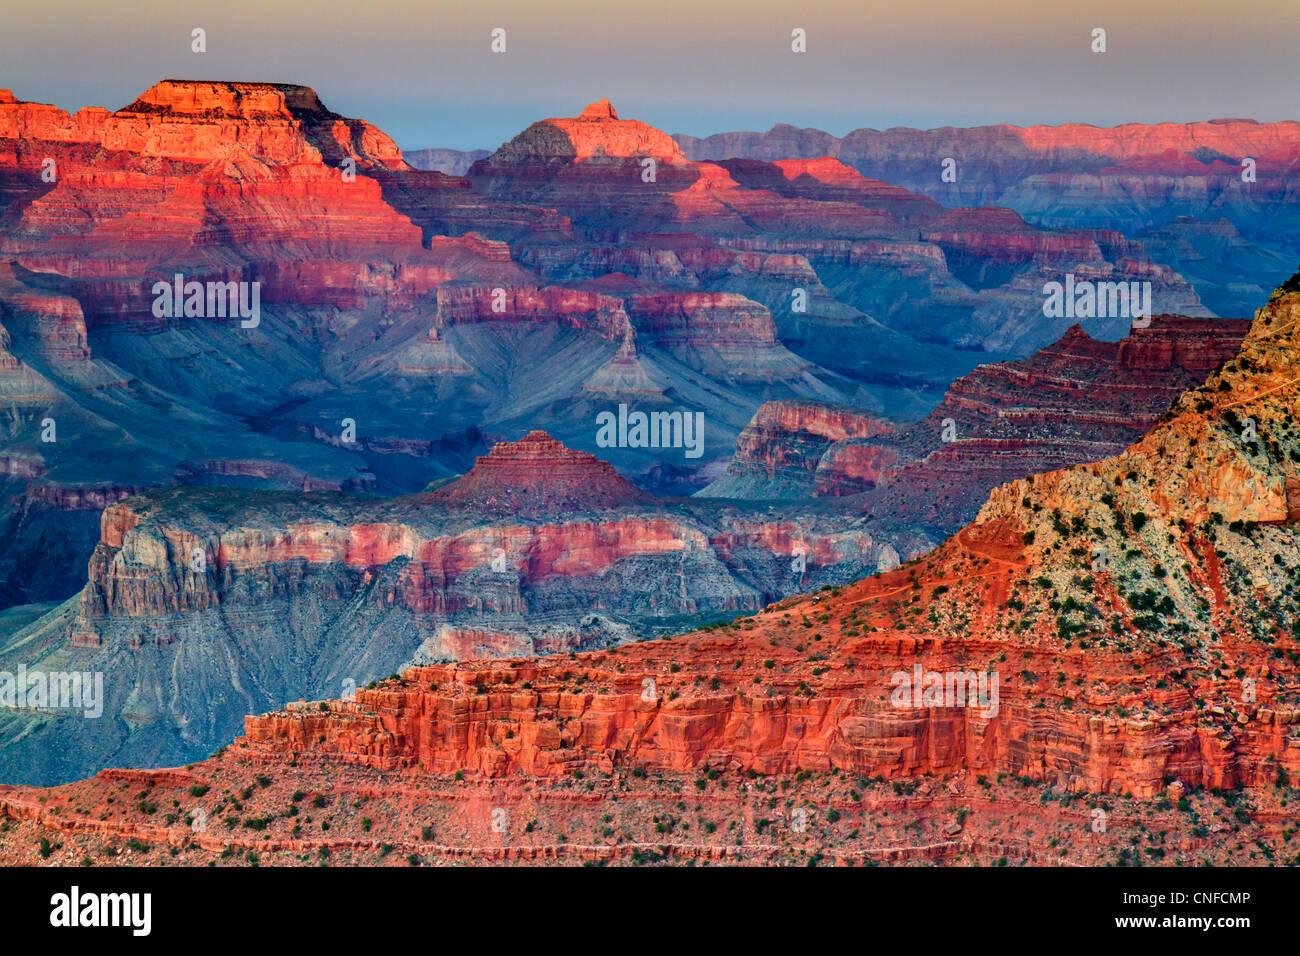 Atardecer en punto Madre, South Rim, el Parque Nacional del Gran Cañón (Arizona, EEUU). Técnica HDR. Foto de stock